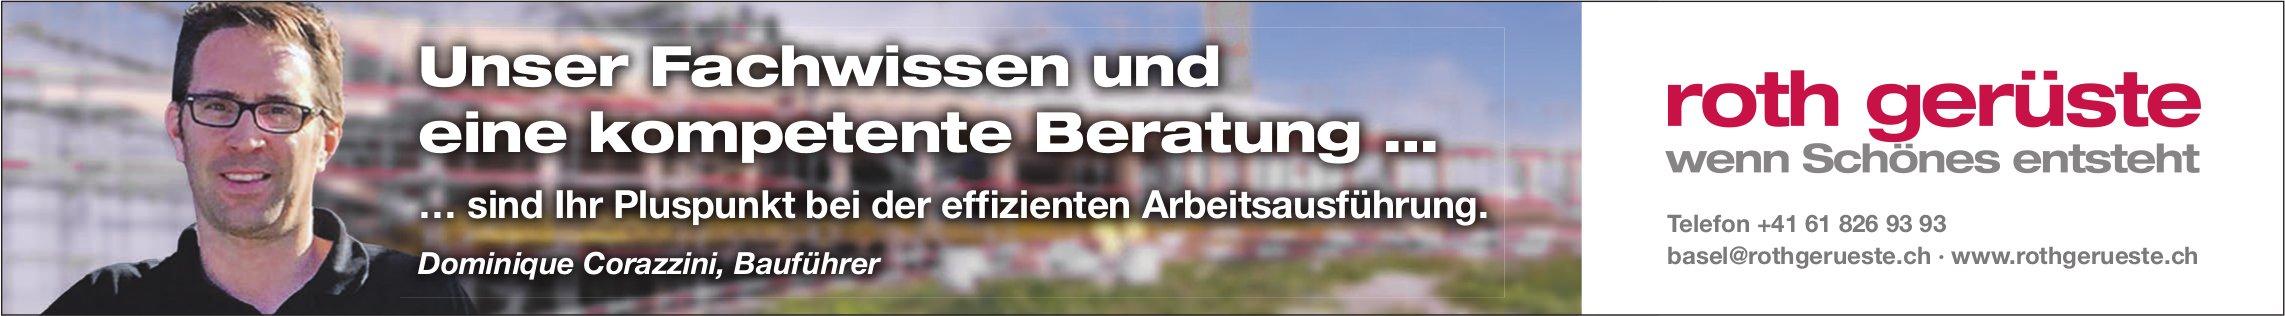 Roth Gerüste, Basel - Unser Fachwissen und eine kompetente Beratung …